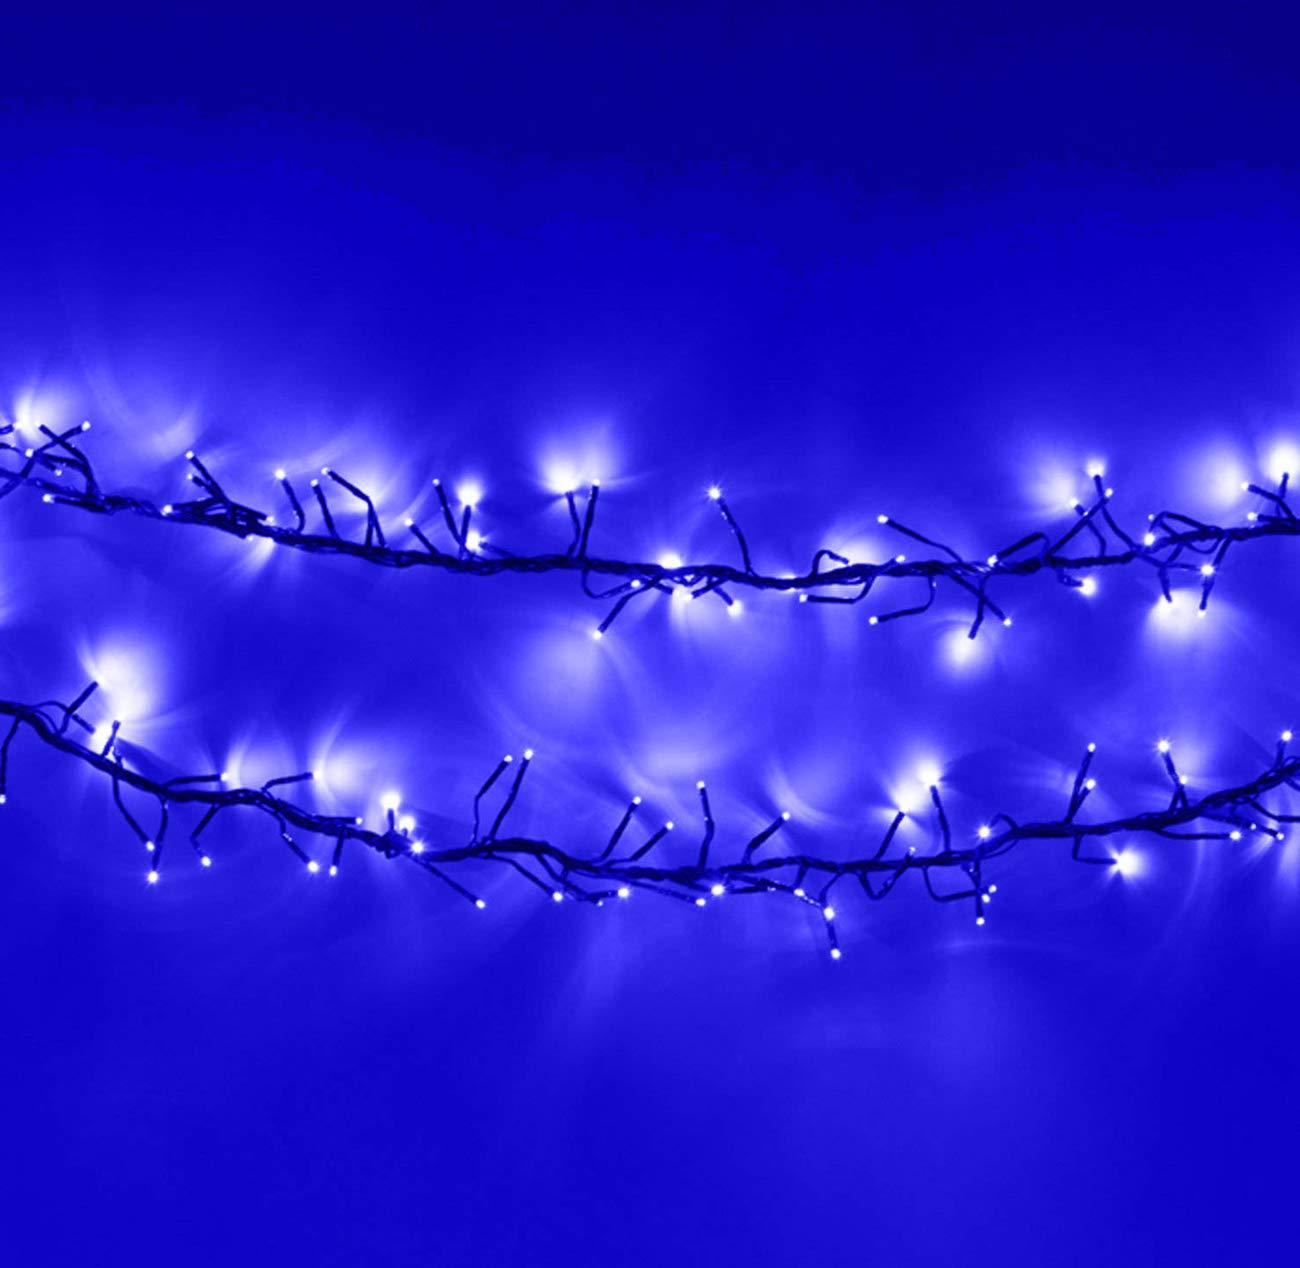 Cluster Lichter 720 LED LED LED Blau Baum Lichter Innen-und außen Weihnachts String-Leuchten 8 Modi mit Timer-Funktion, Netzbetriebene Lichterketten 9M 30ft Lit Länge grünes Kabel B07H5RMXLJ Lichterketten 84fac6